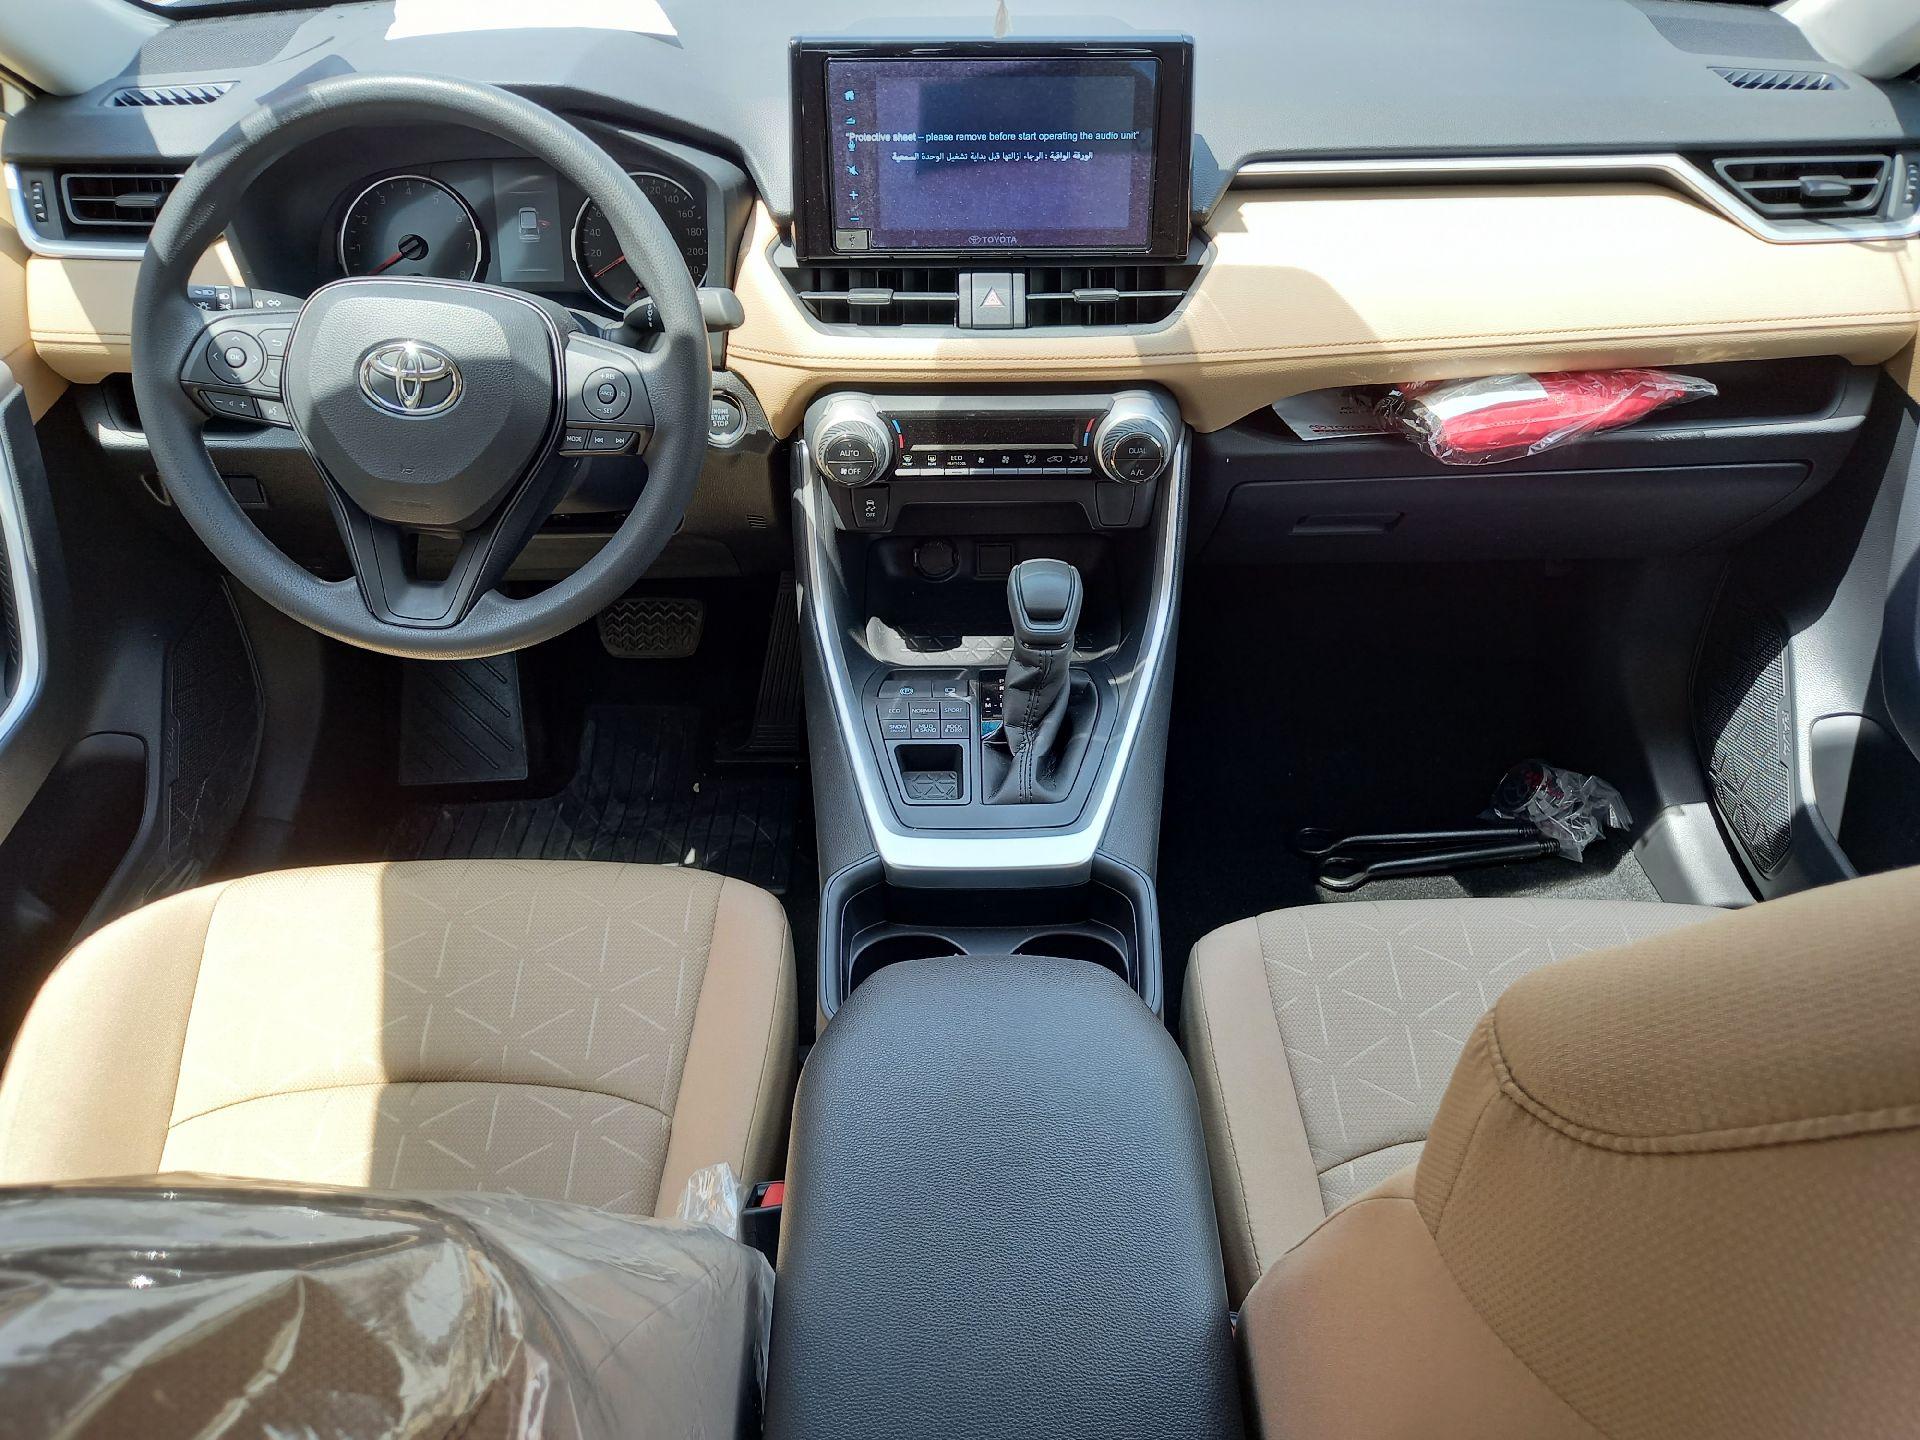 تويوتا راف فور 4WD XLE فل  2021 دبل سعودي جديد للبيع في الدمام - السعودية - صورة كبيرة - 9